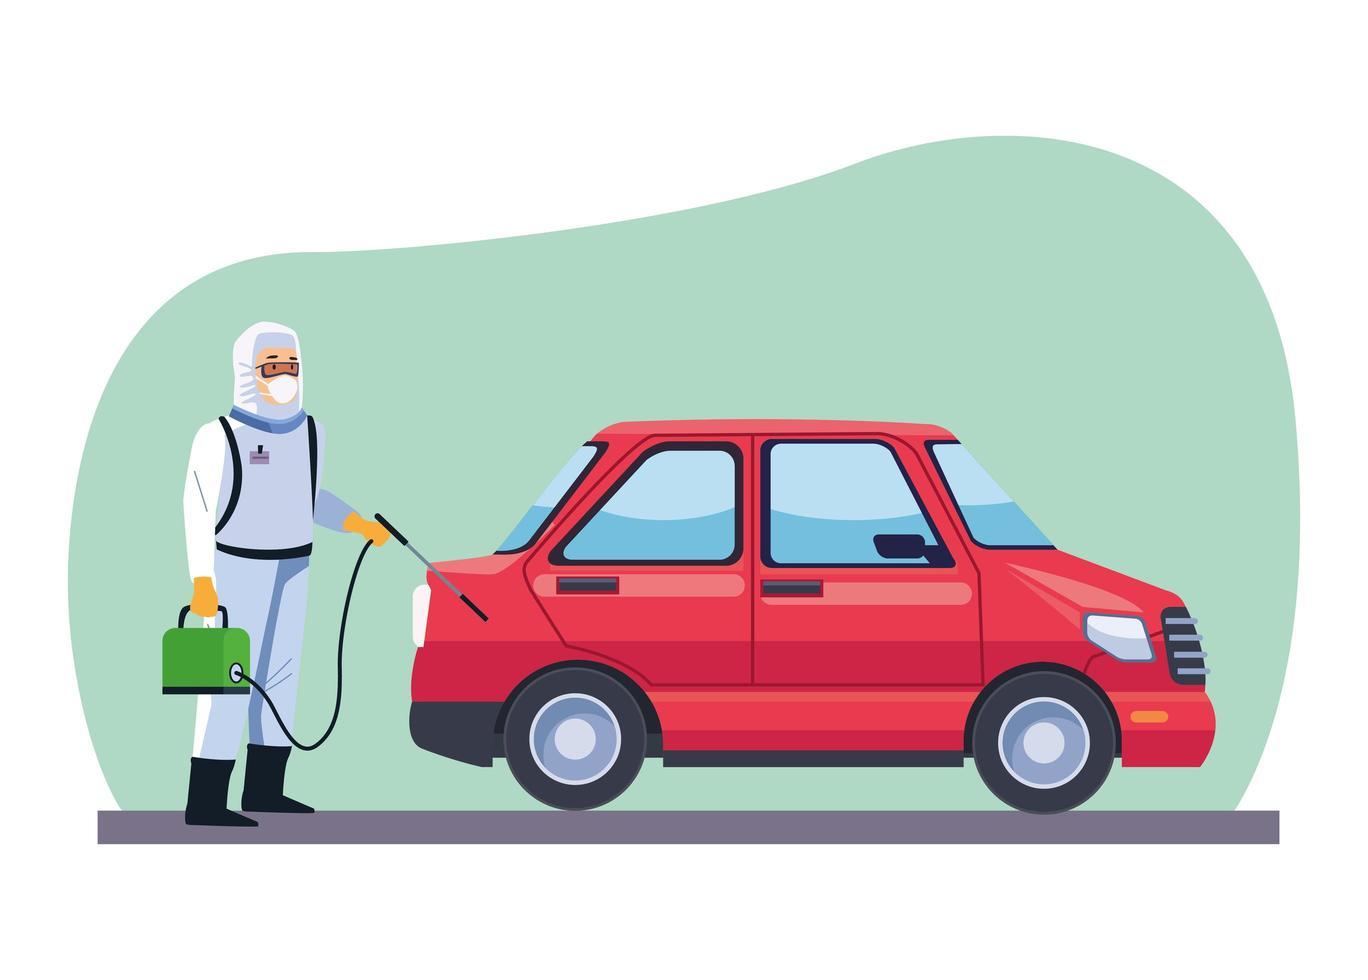 trabajador de bioseguridad desinfectar coche covid-19 vector